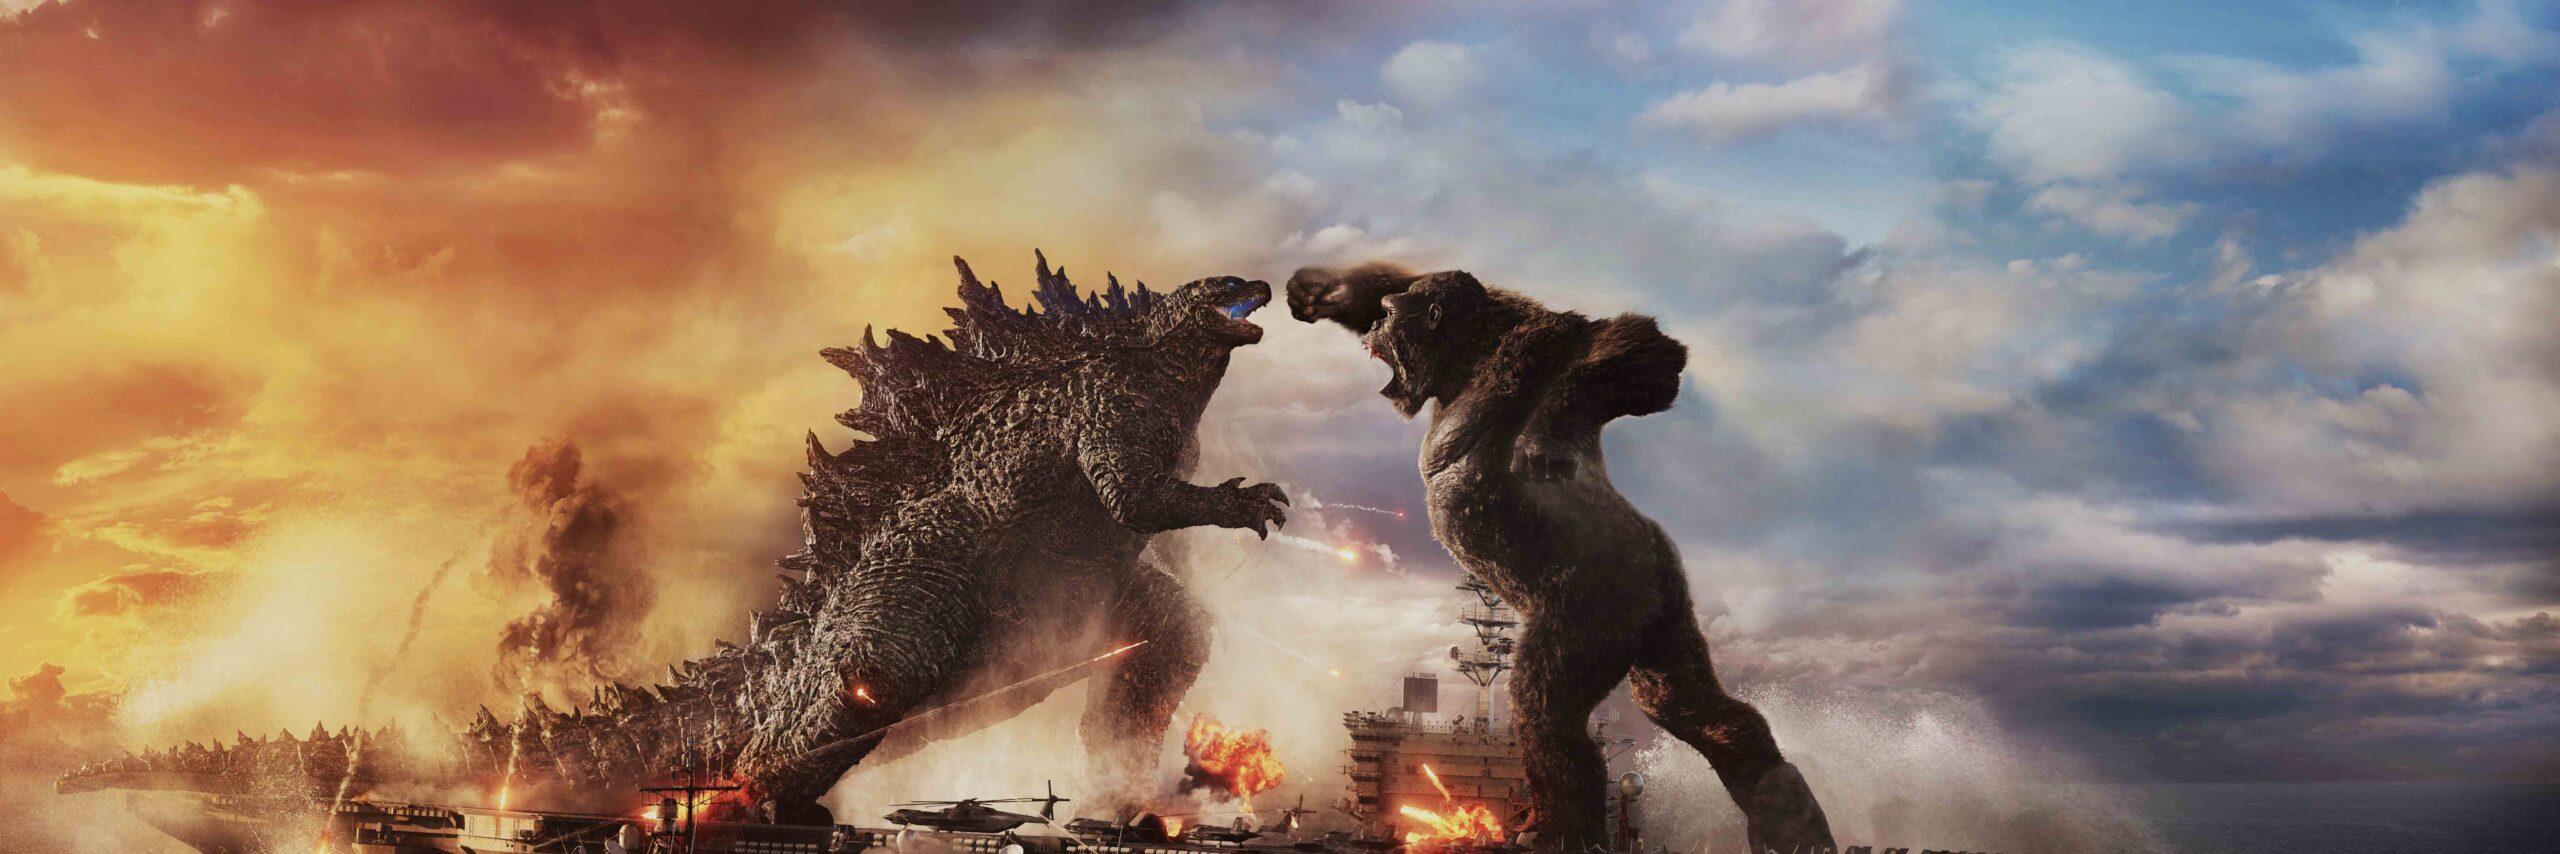 Godzilla vs Kong. Llega el crossover moderno de estos míticos colosos